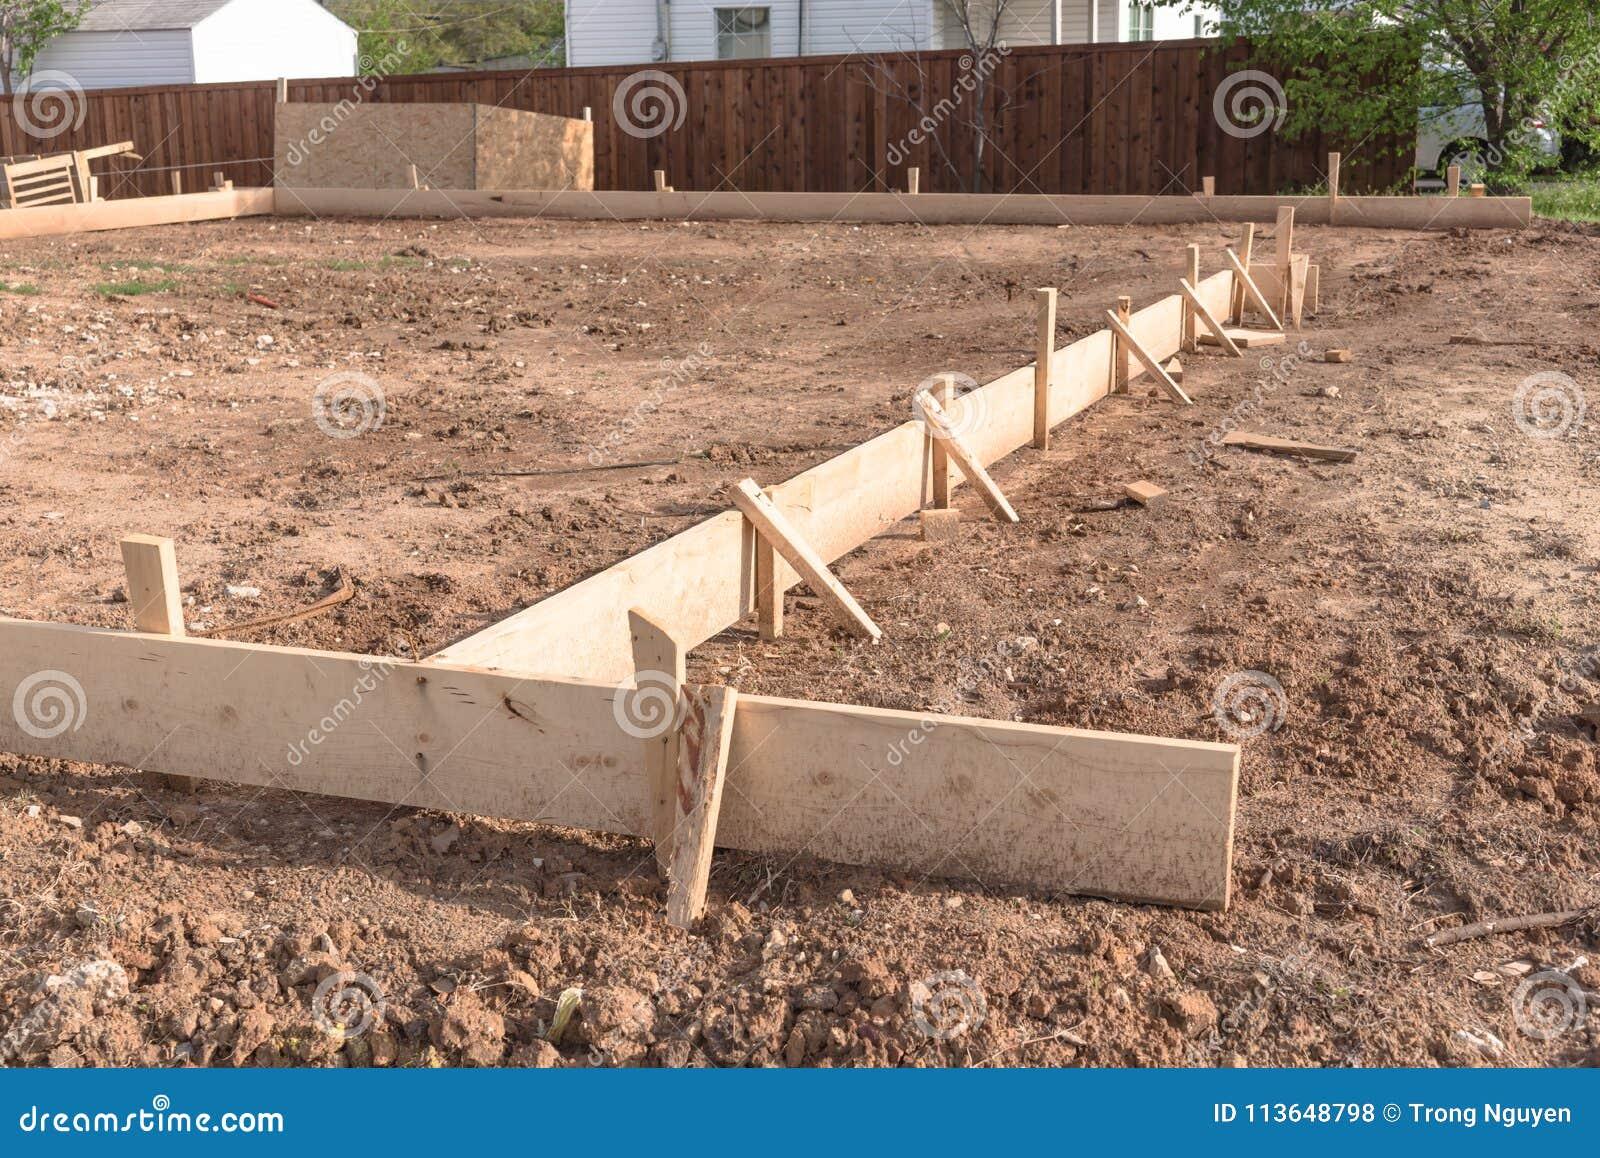 Fondamenta a soletta filtrante della cassaforma di legno per una nuova casa fotografia stock - Fondamenta casa ...